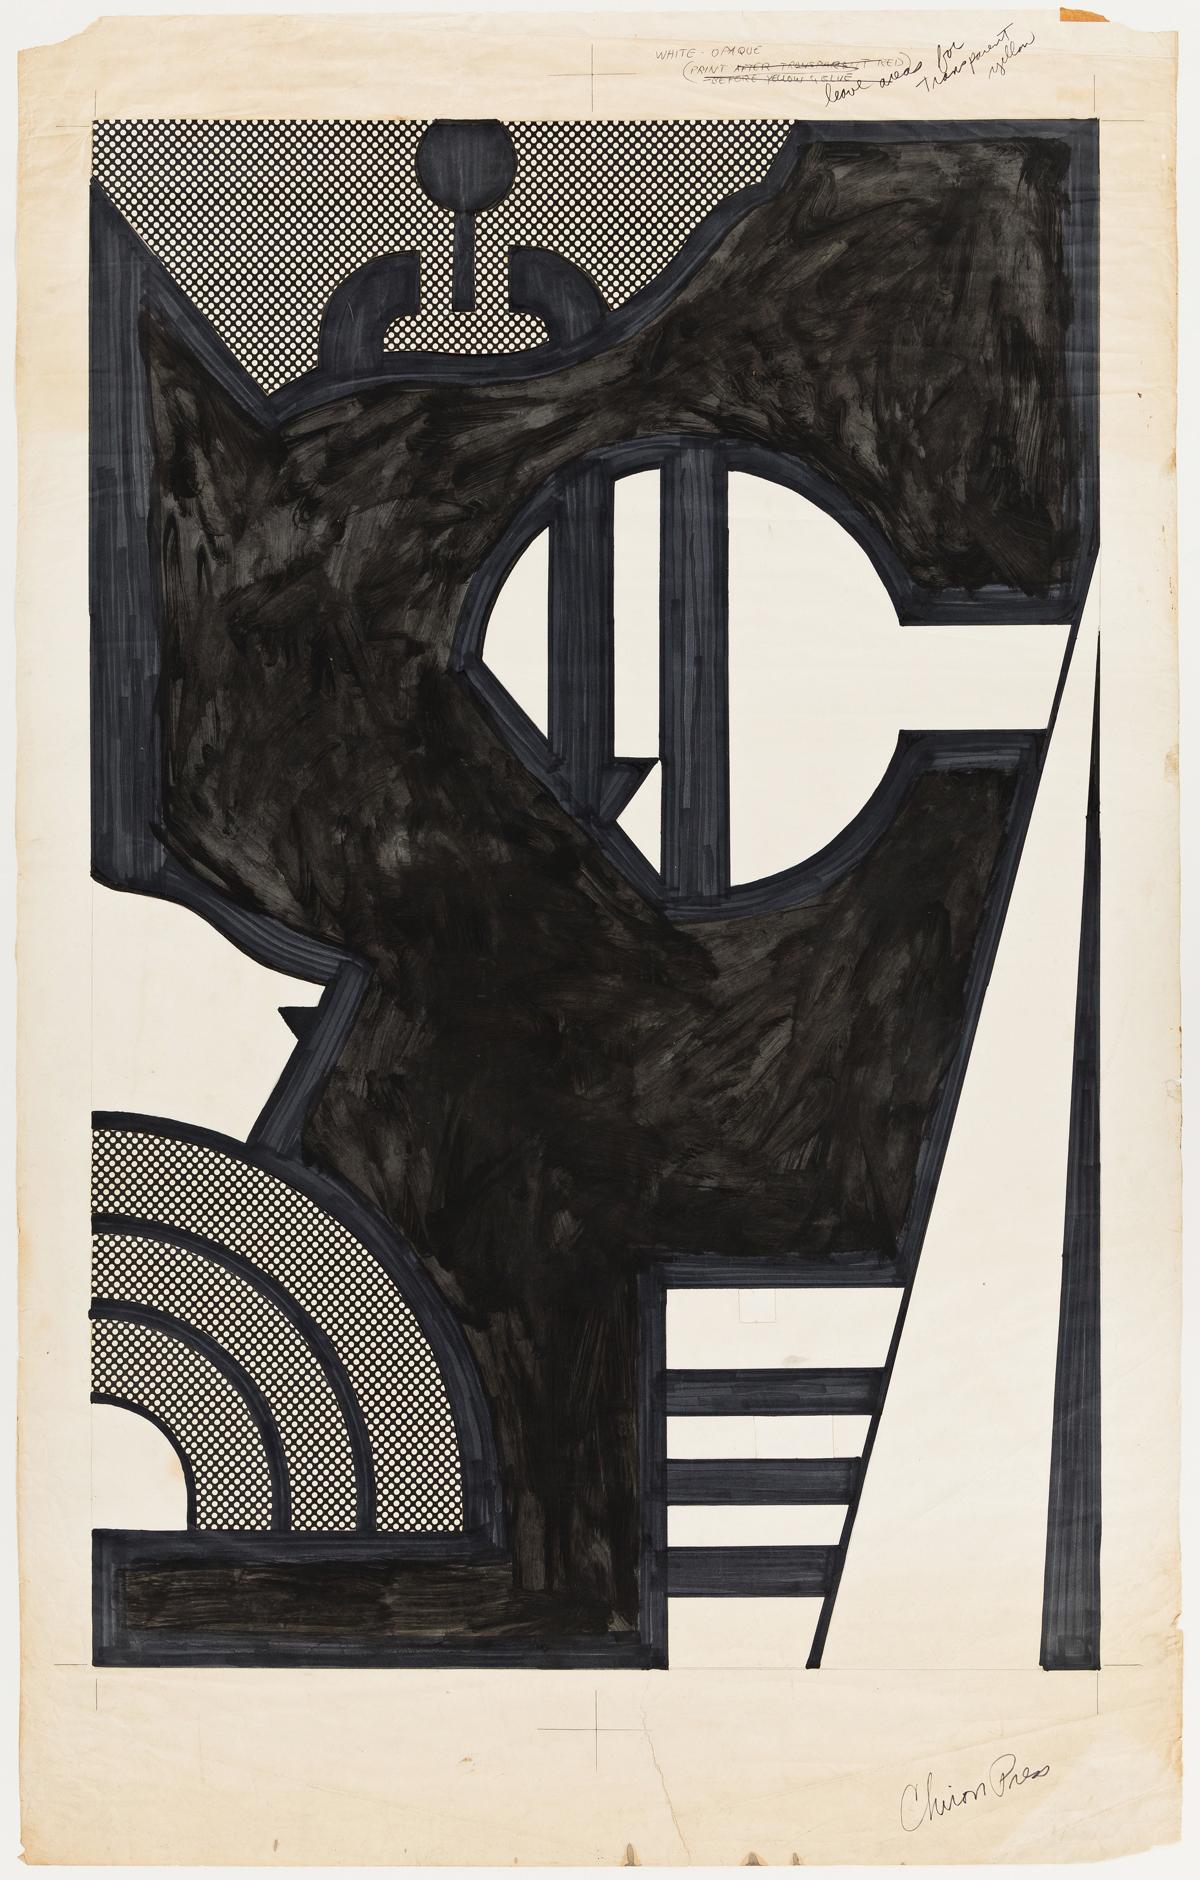 ROY LICHTENSTEIN Paris Review Poster.